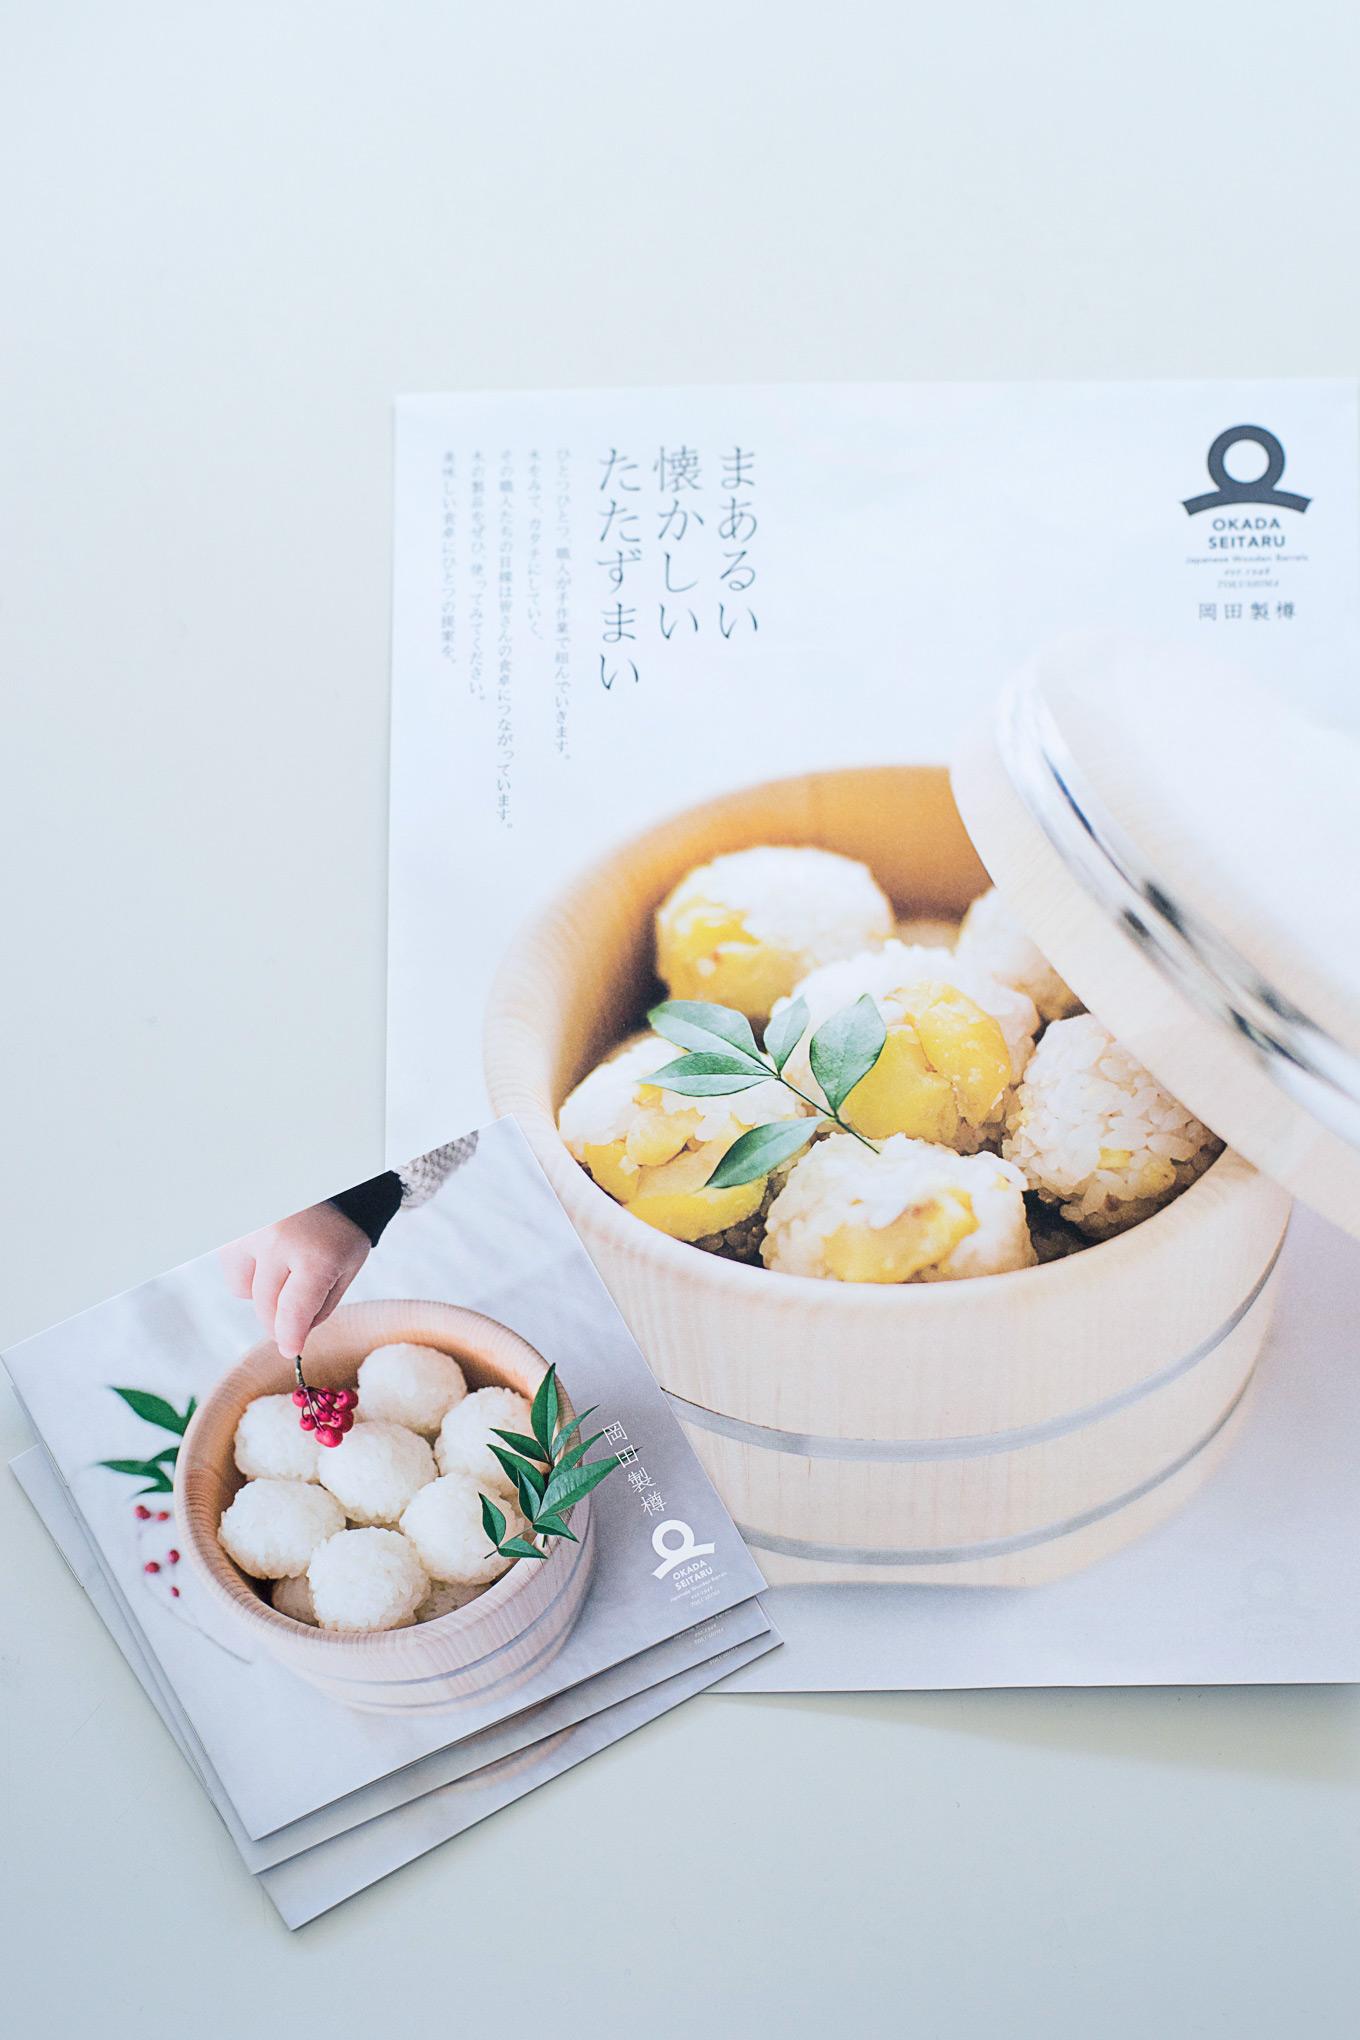 okada-seitaru-pamphlet-1